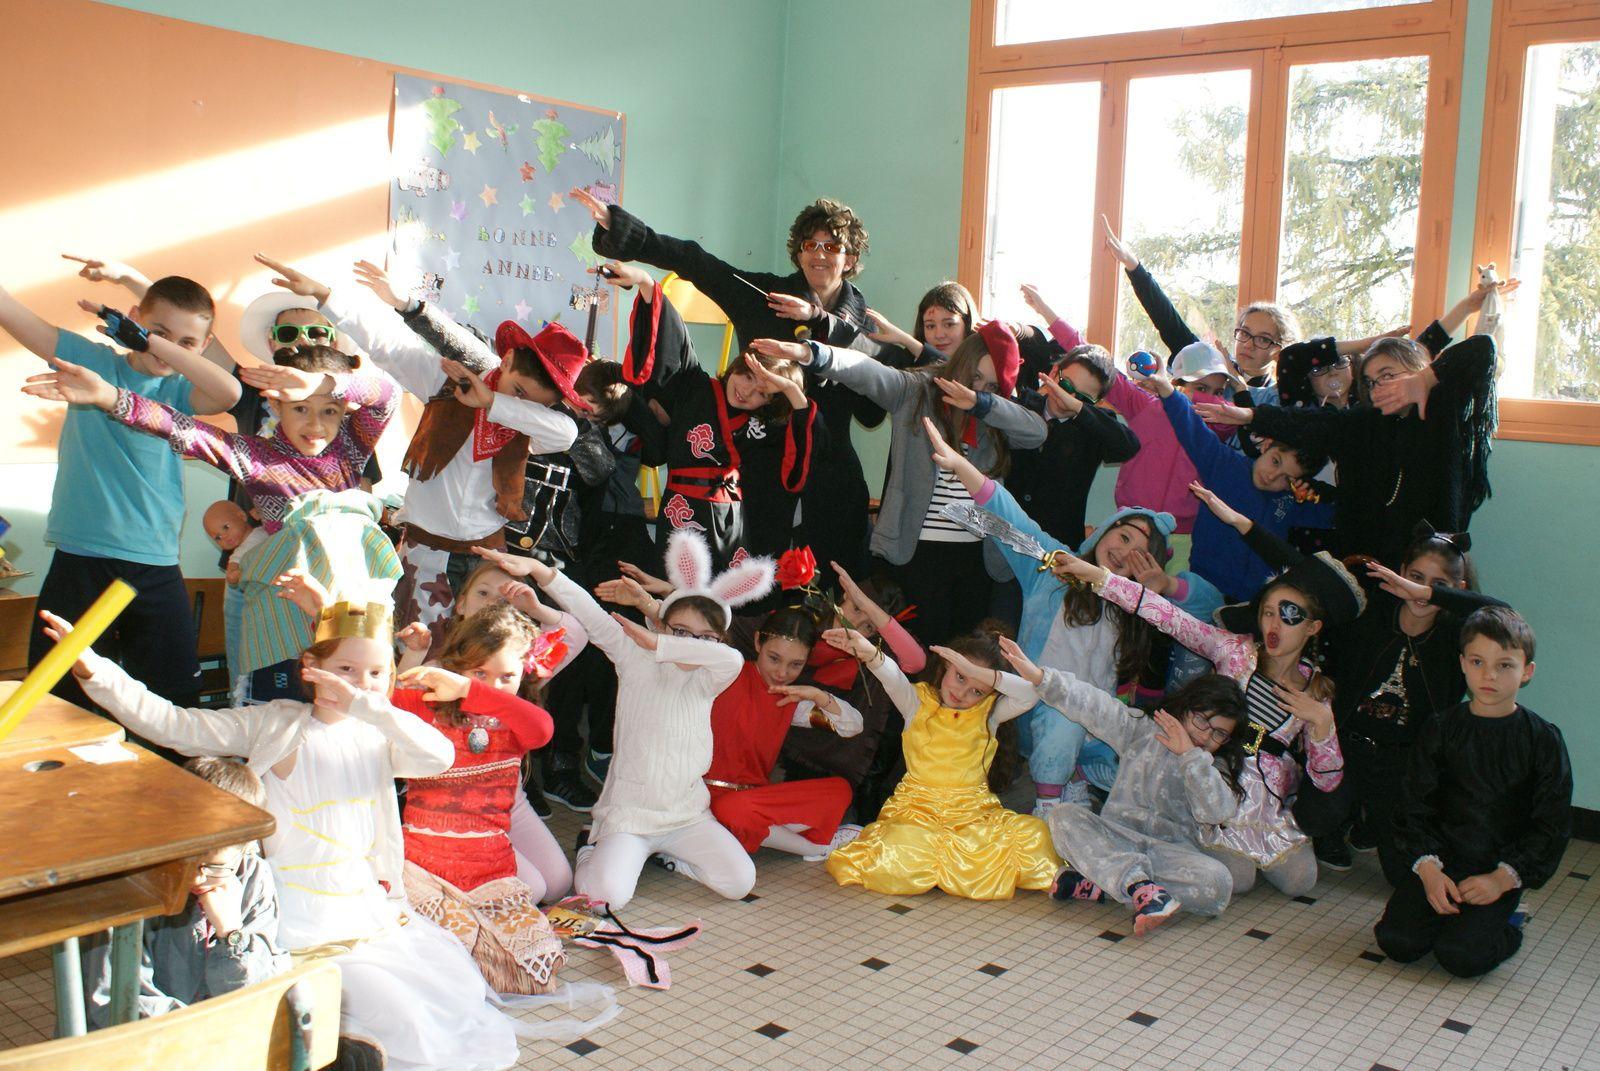 Un joyeux carnaval à l'annexe de Ste Catherine à St Sylvestre !